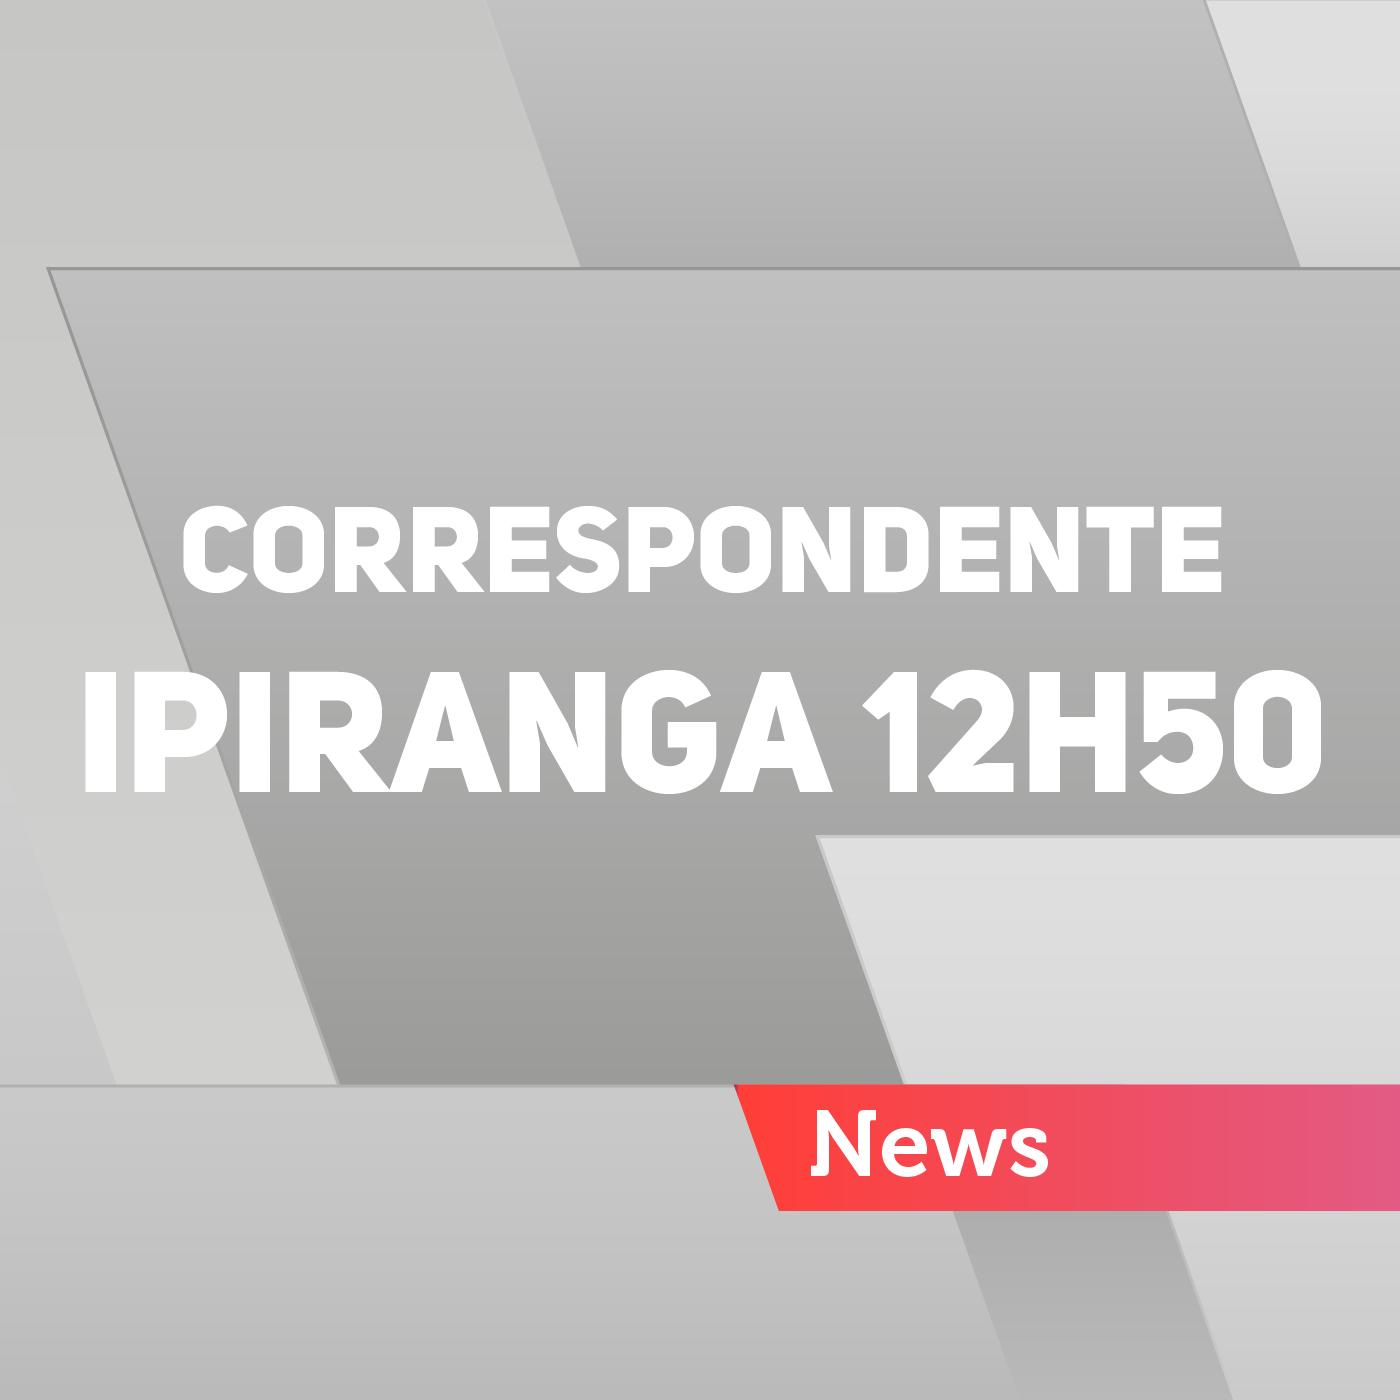 Correspondente Ipiranga 12h50 22/10/2017